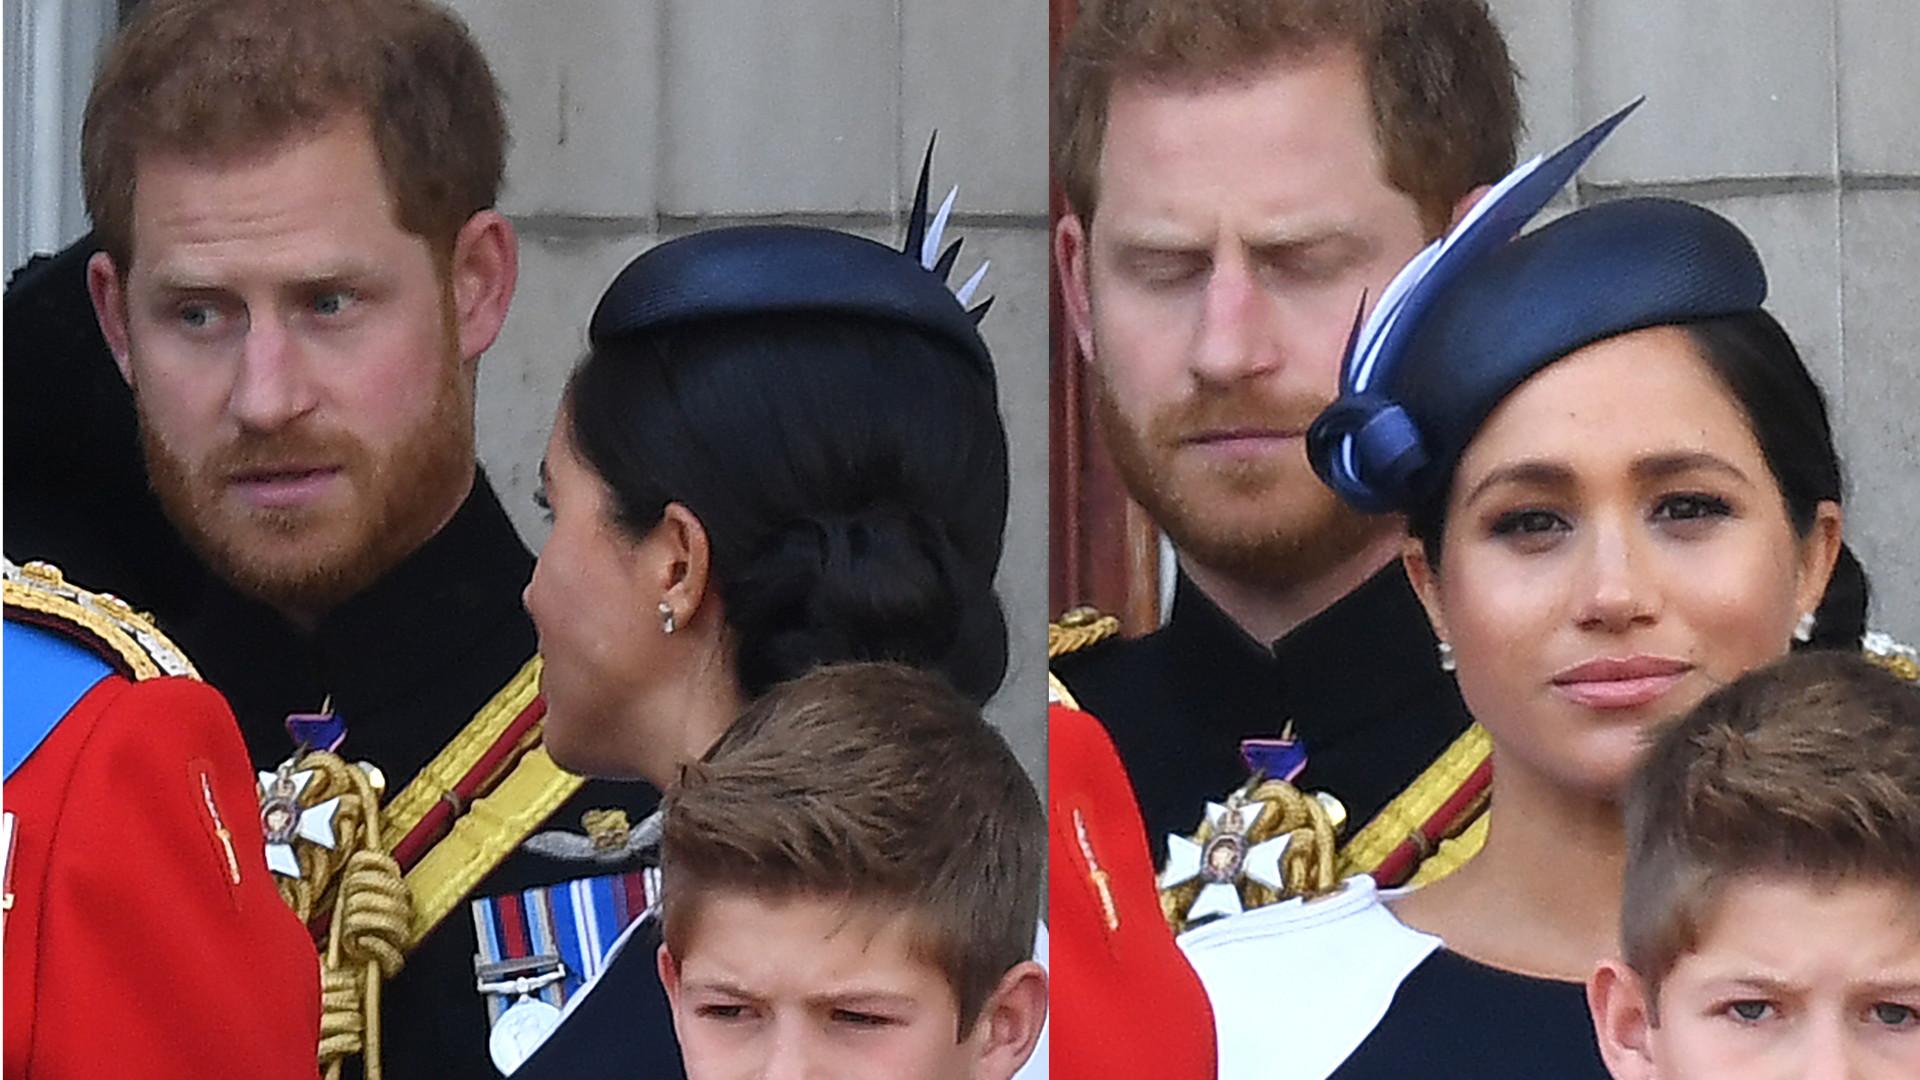 TE SŁOWA wypowiedział Harry do Meghan na balkonie. Wyszło na jaw, dlaczego księżnej było przykro